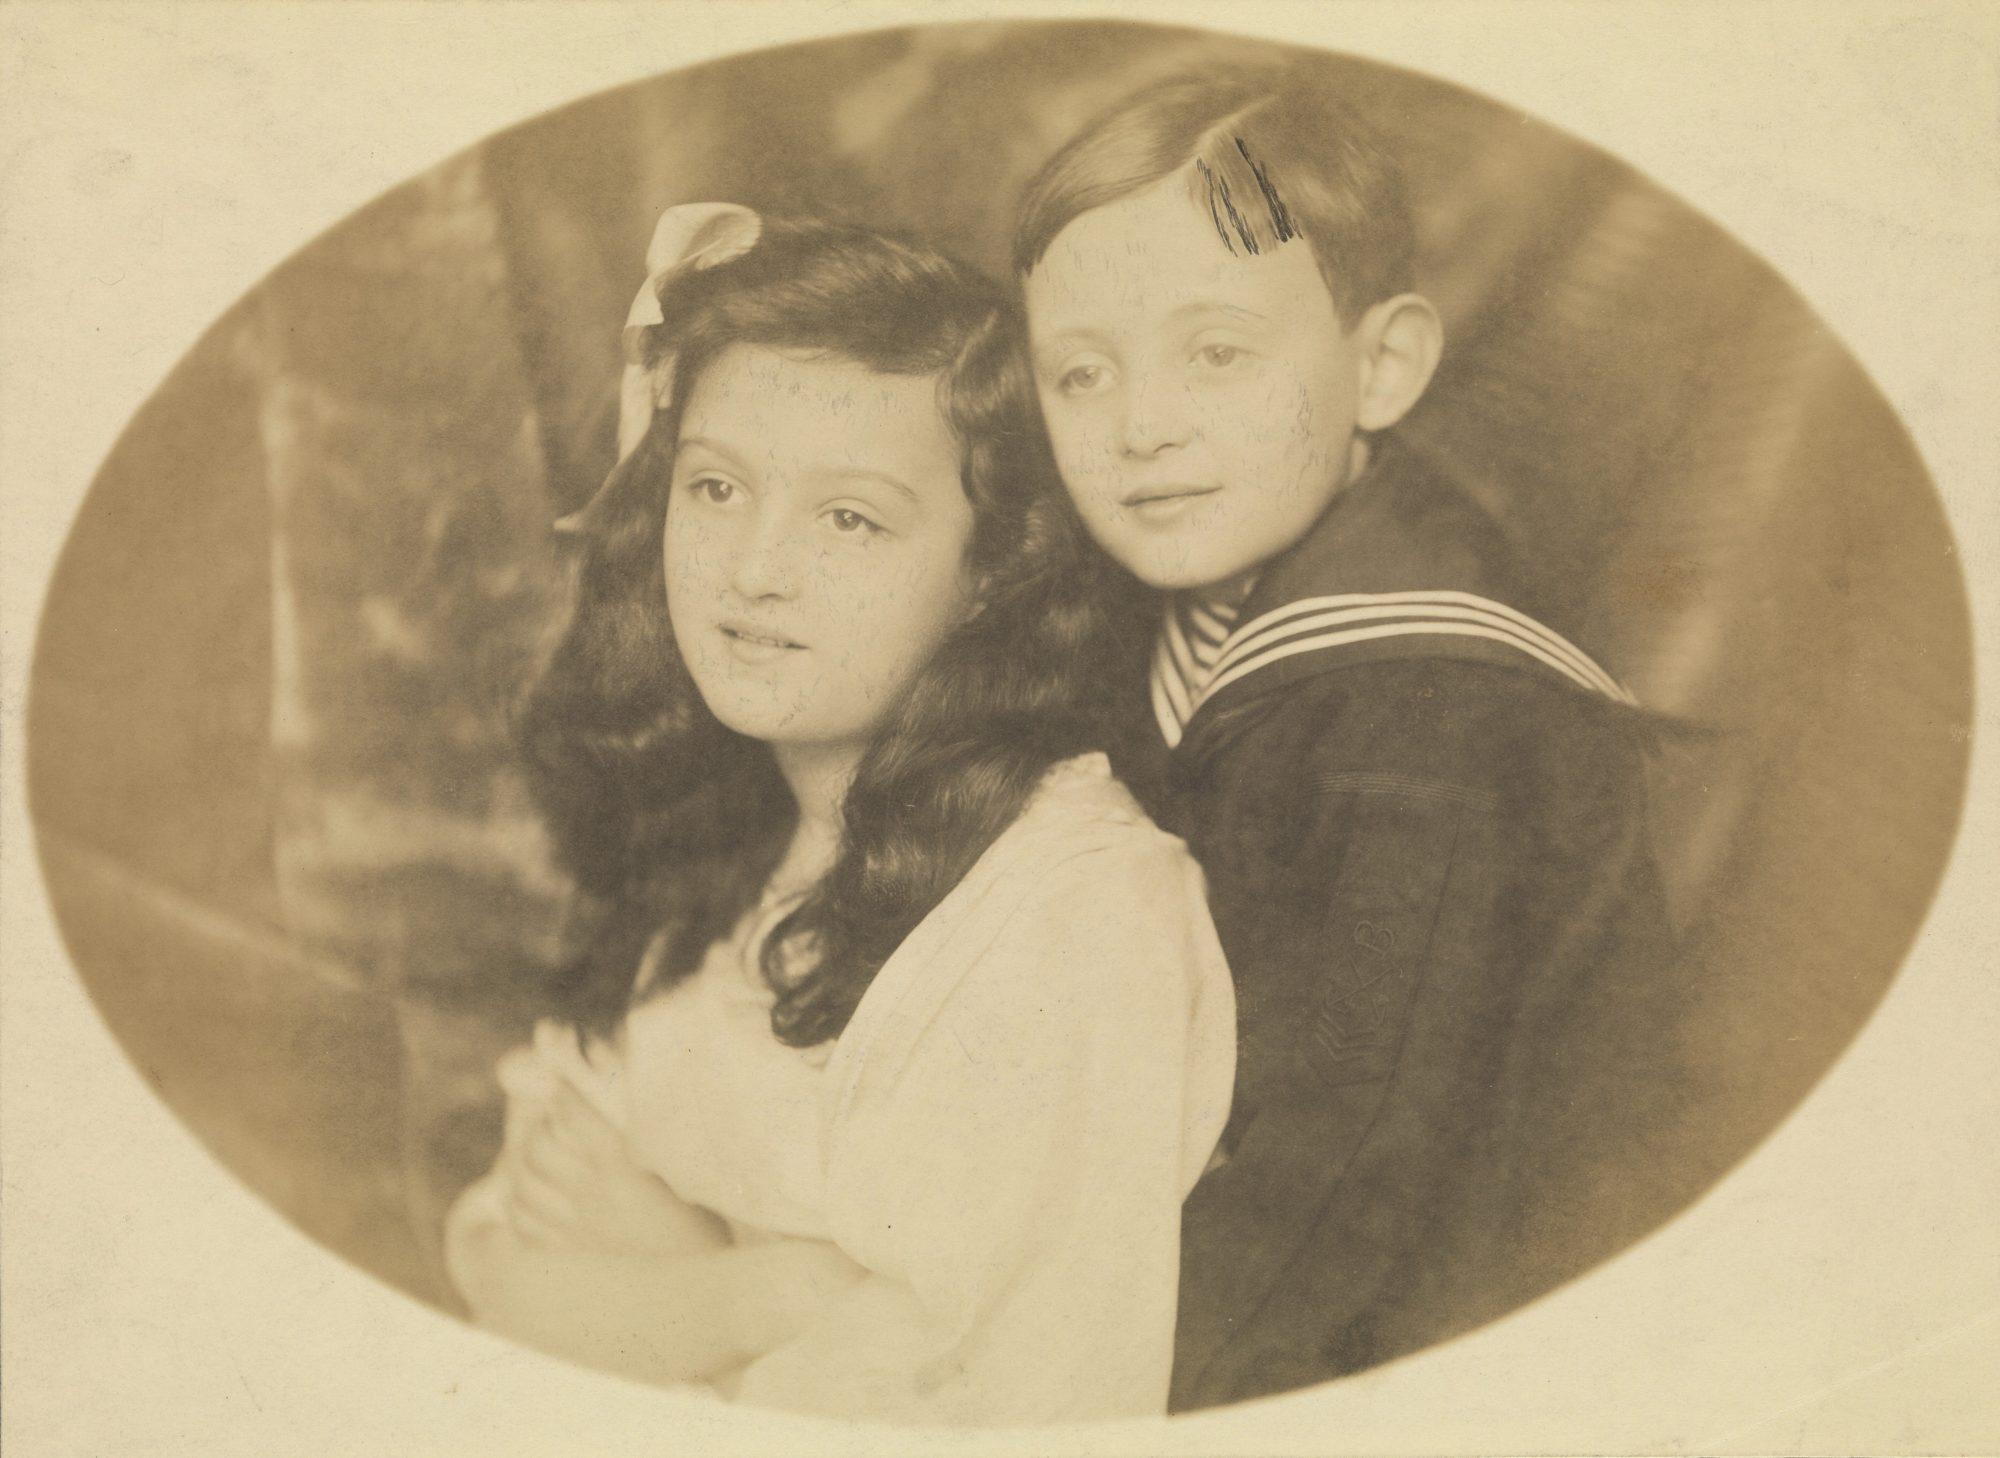 Fotografía de Melitta y Hans en su niñez